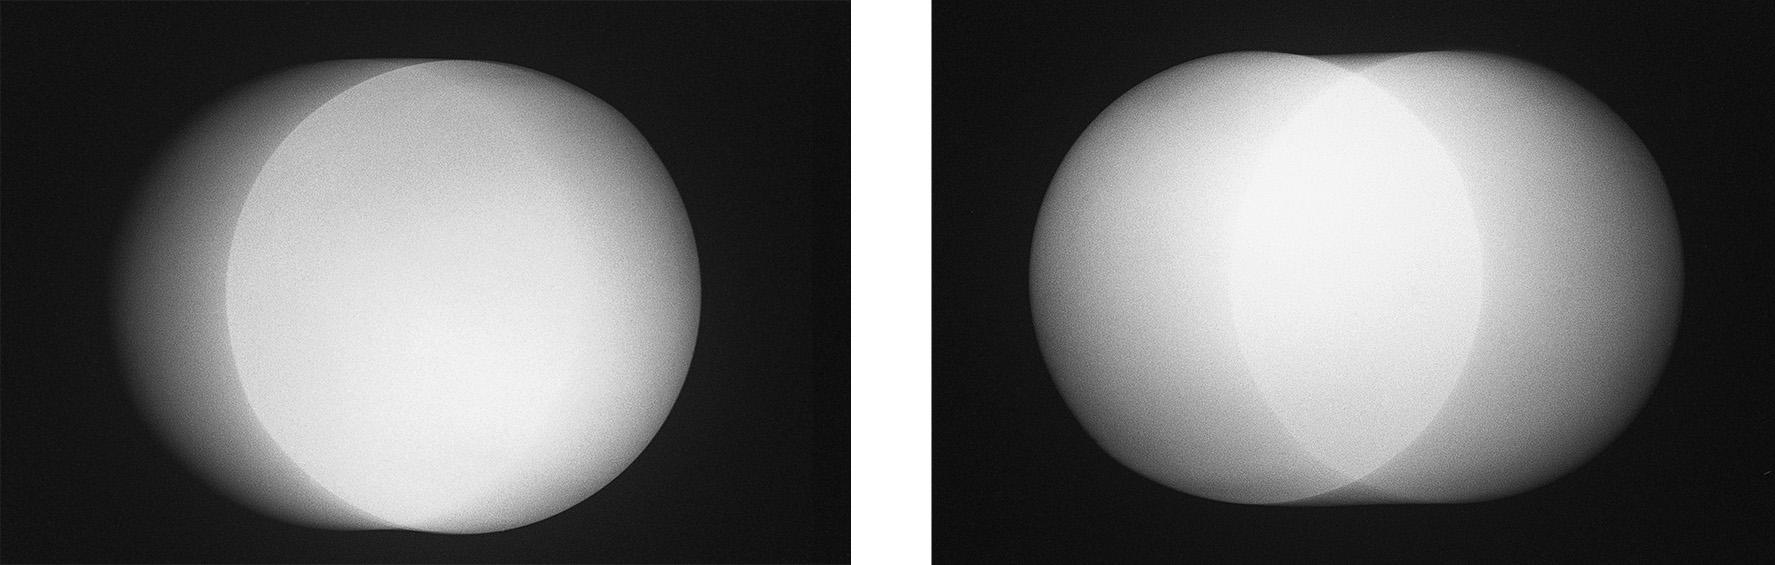 003 Rogier Houwen, Moon I & II